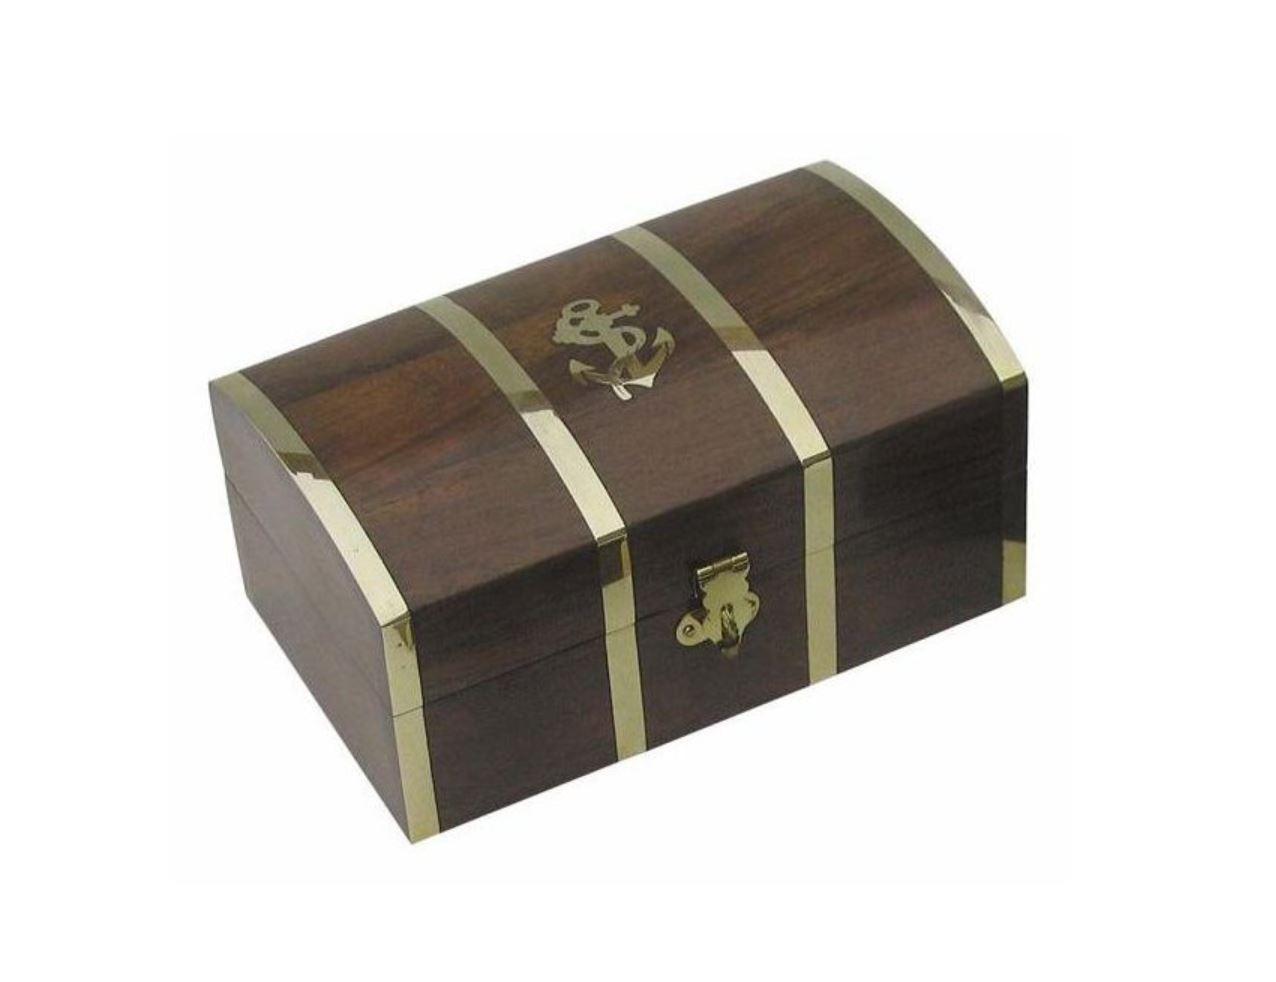 Námořnické dřevěné truhly, truhlice, krabičky a boxy